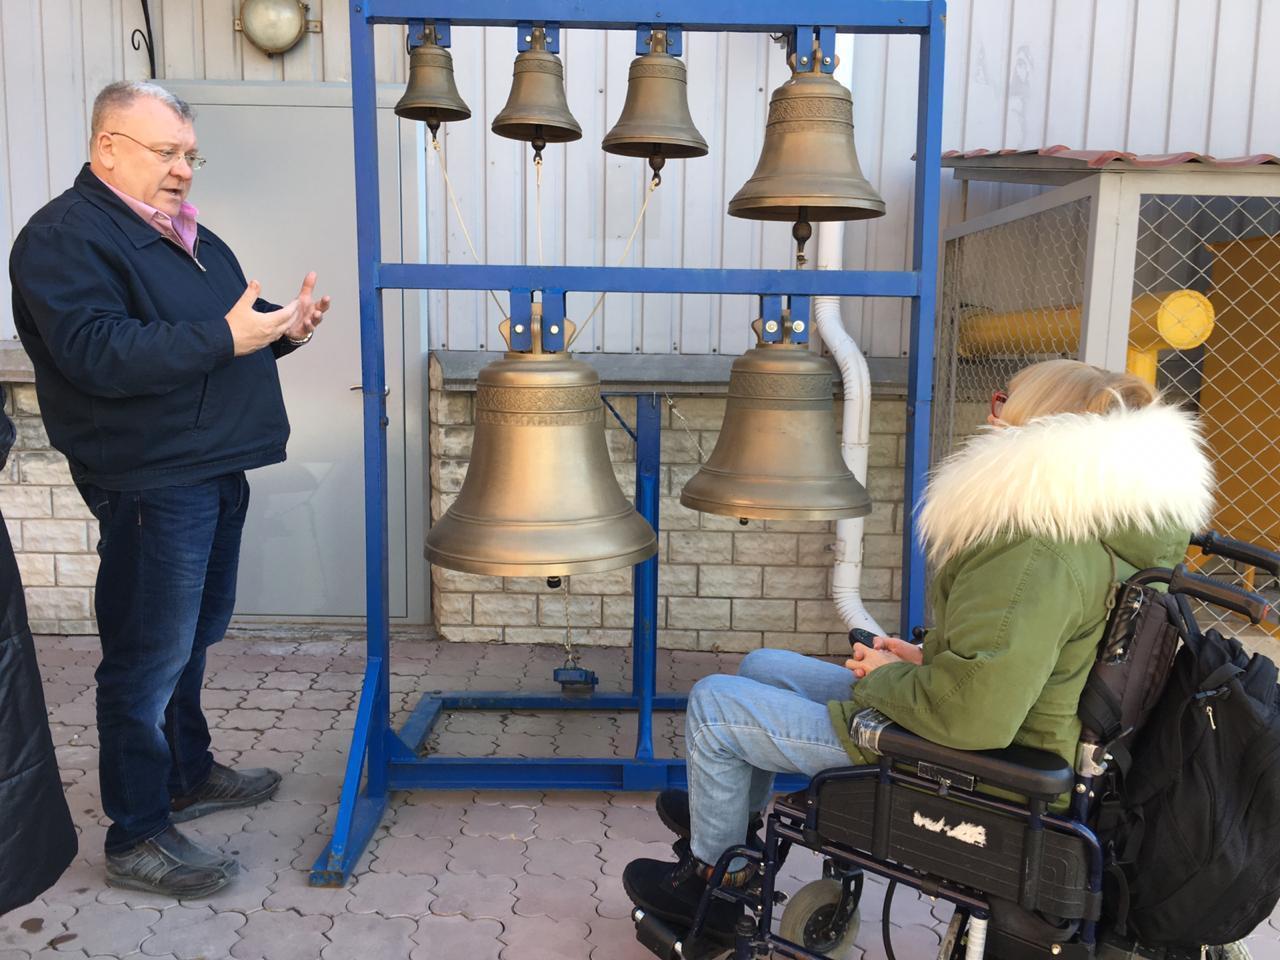 Экскурсии для людей с ограниченными возможностями пройдут в Каменске-Уральском